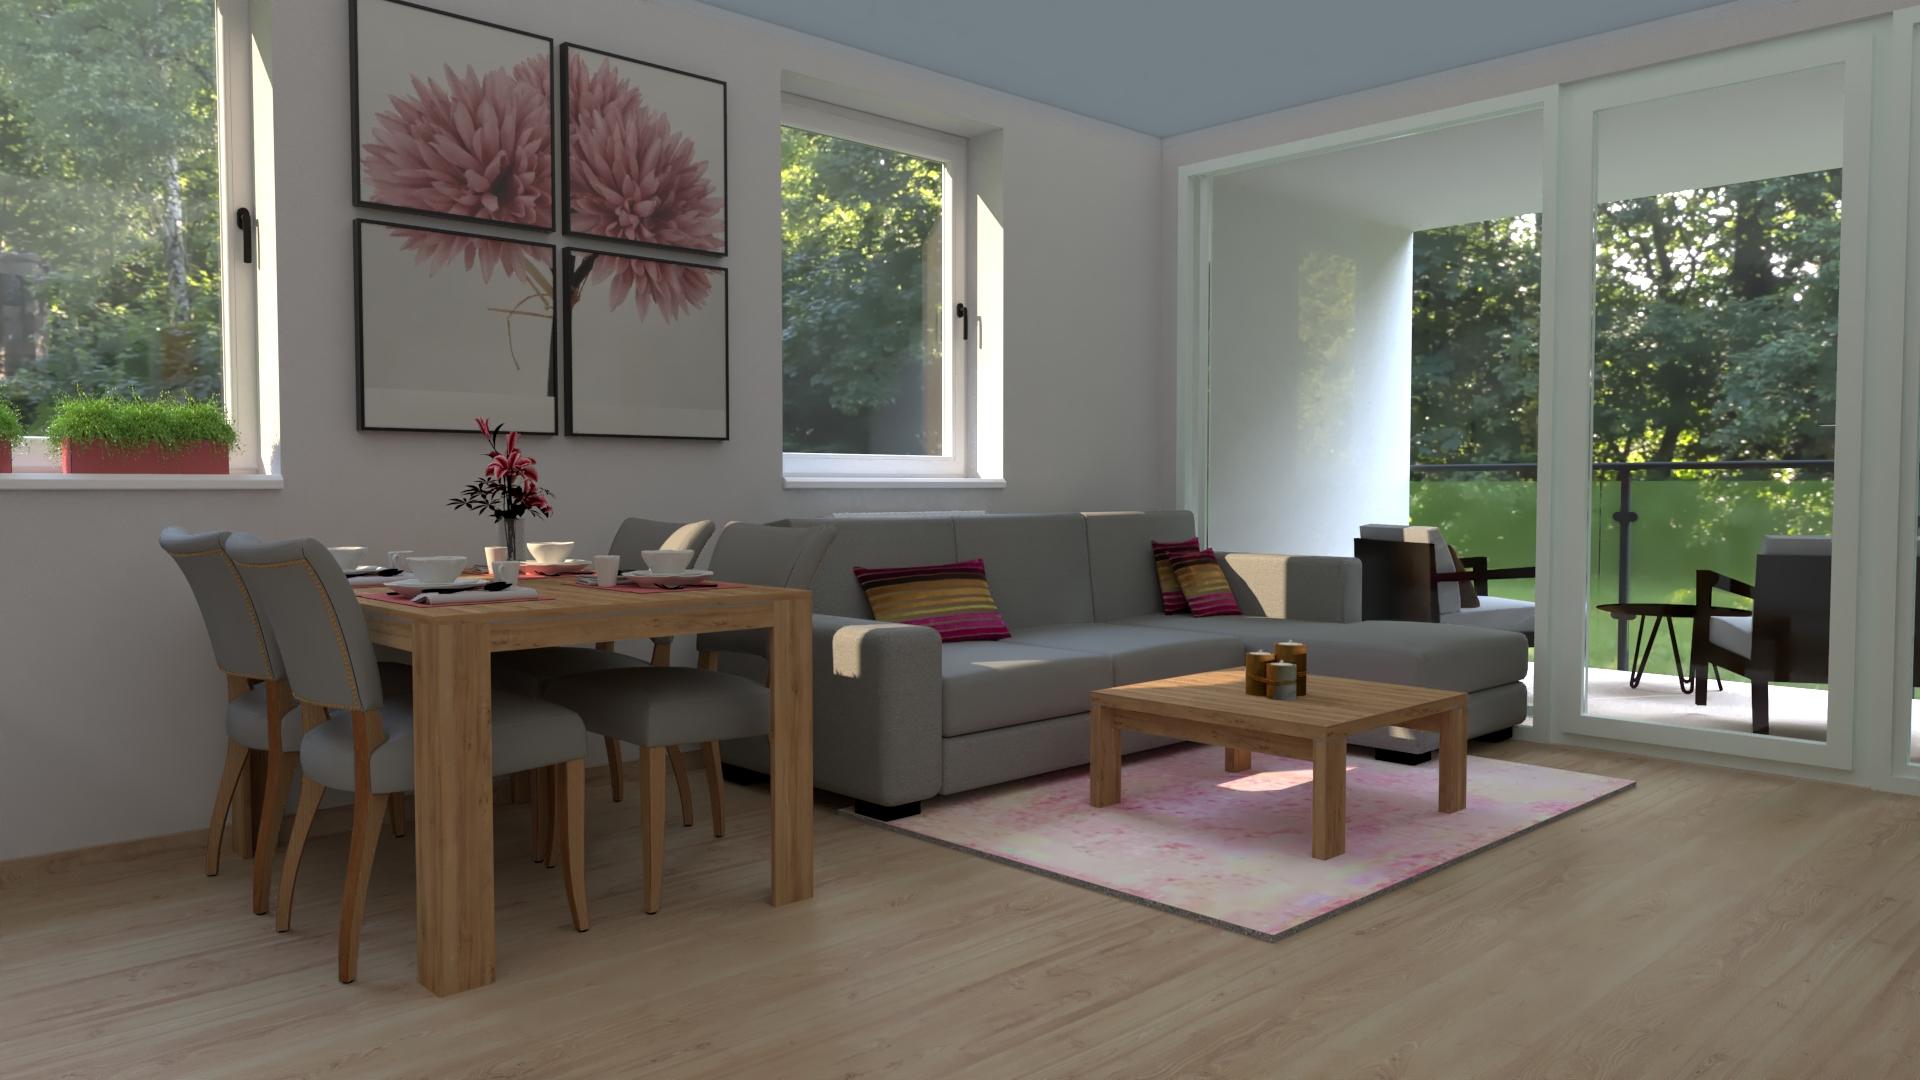 3D vizualizácia otvoreného priestoru v byte